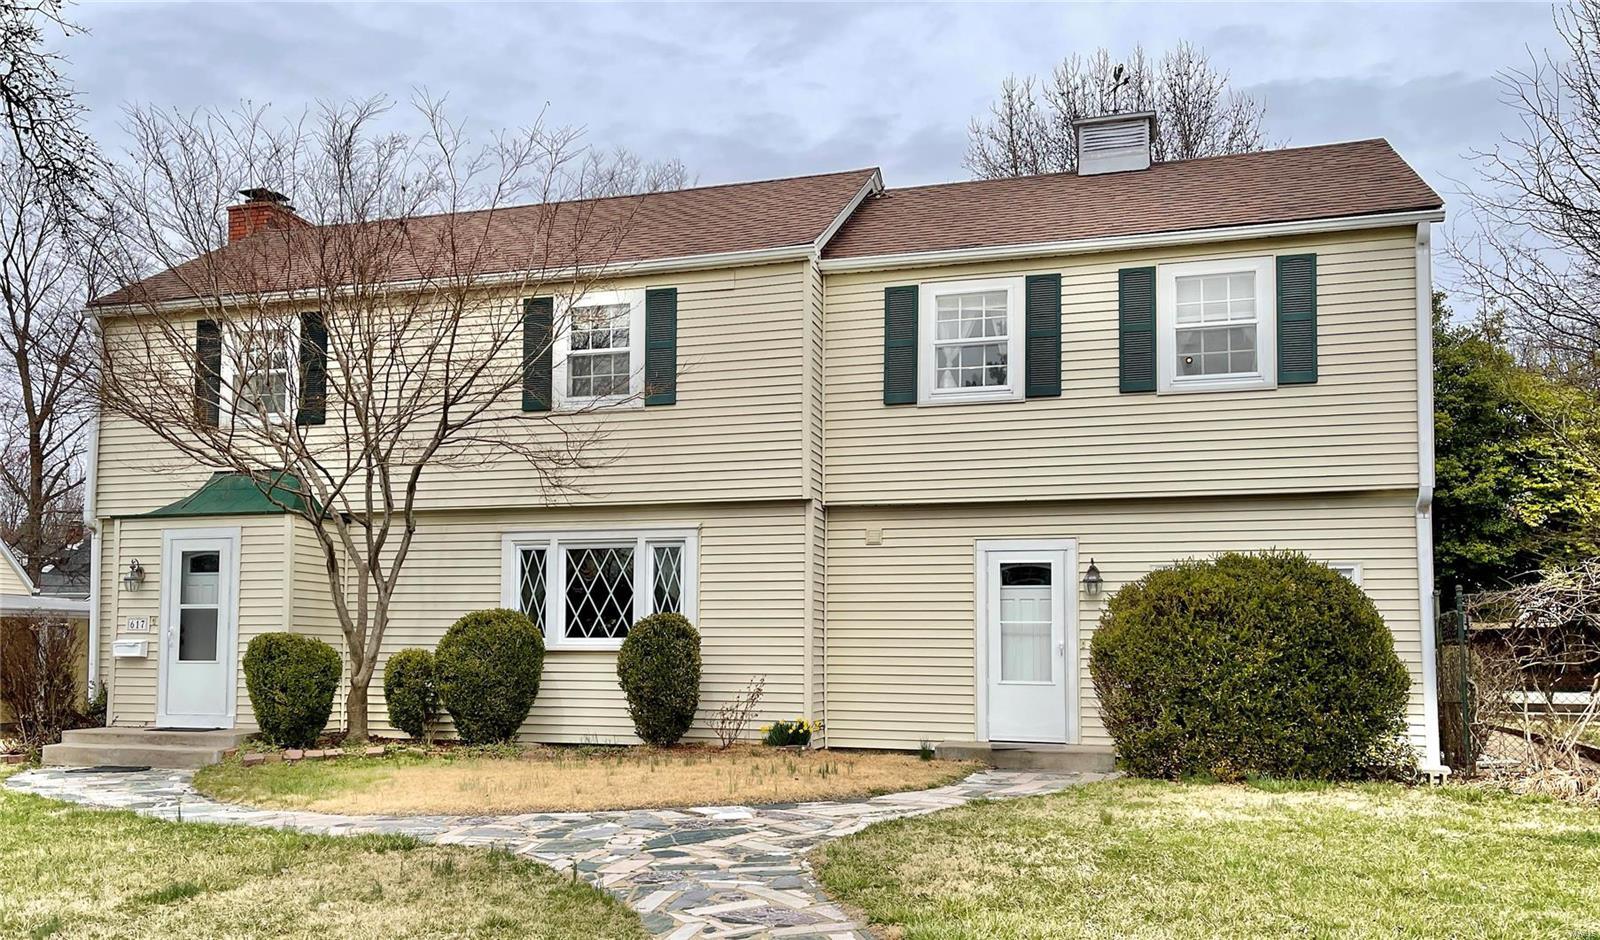 617 E Oak Property Photo - Greenville, IL real estate listing